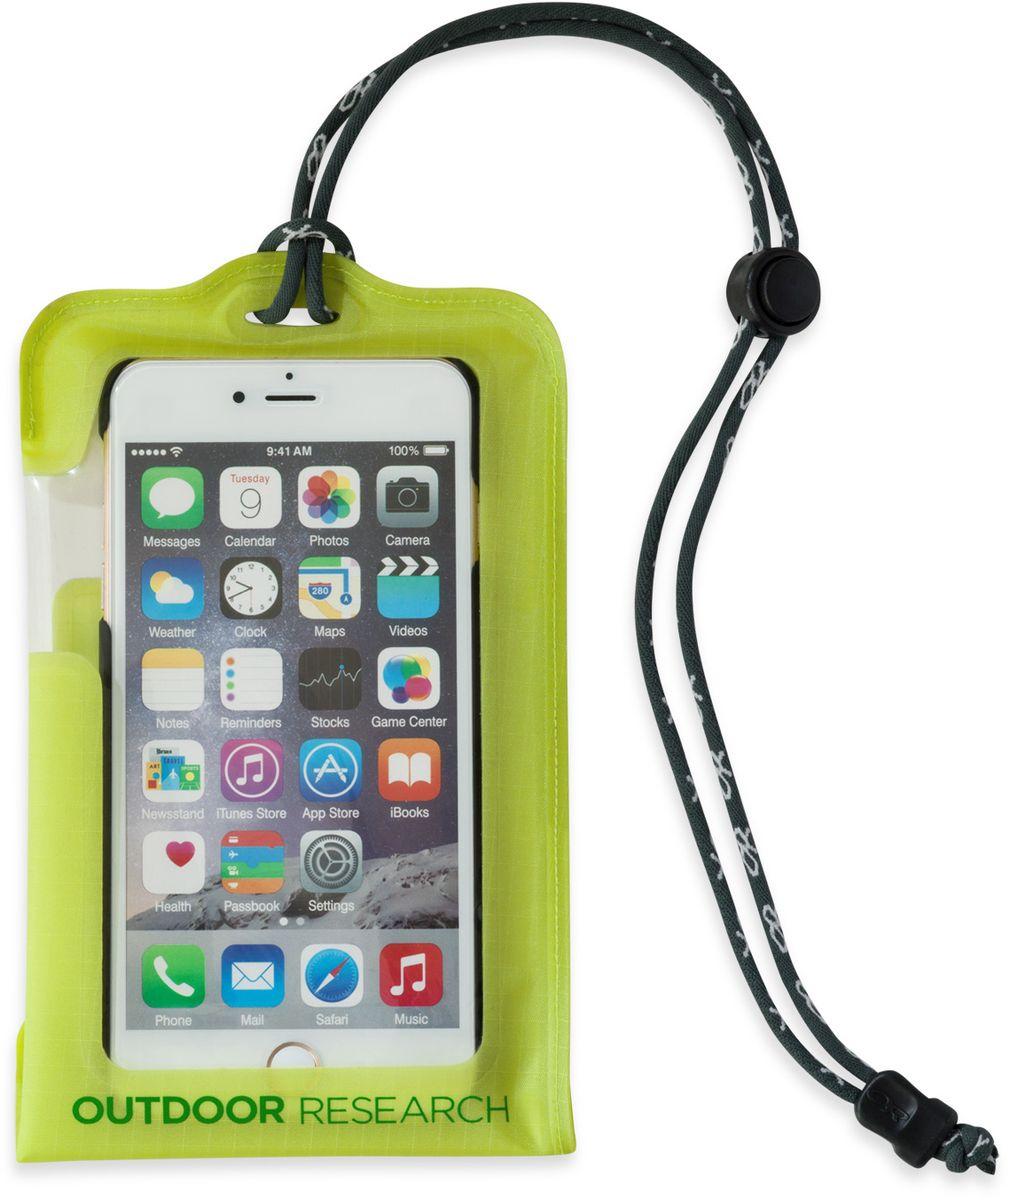 Гермочехол для электроники Outdoor Research Dry Pocket Standard, цвет: зеленый2440240489Гермочехол для электроники Outdoor Research прекрасно защитит ваше устройство от намокания и грязи. Чехол выполнен из водонепроницаемого, легкого и прочного материала. Сенсорный экран позволяет пользоваться телефоном в любых экстремальных условиях. Сзади имеется прозрачное окошко для внешней камеры. Чехол снабжен шнурком. Подходит для iPhone 6/6S, Galaxy S5, Galaxy S6. Не совместим с кнопкой Home в iPhone 7, на прокрутку экрана это не влияет.